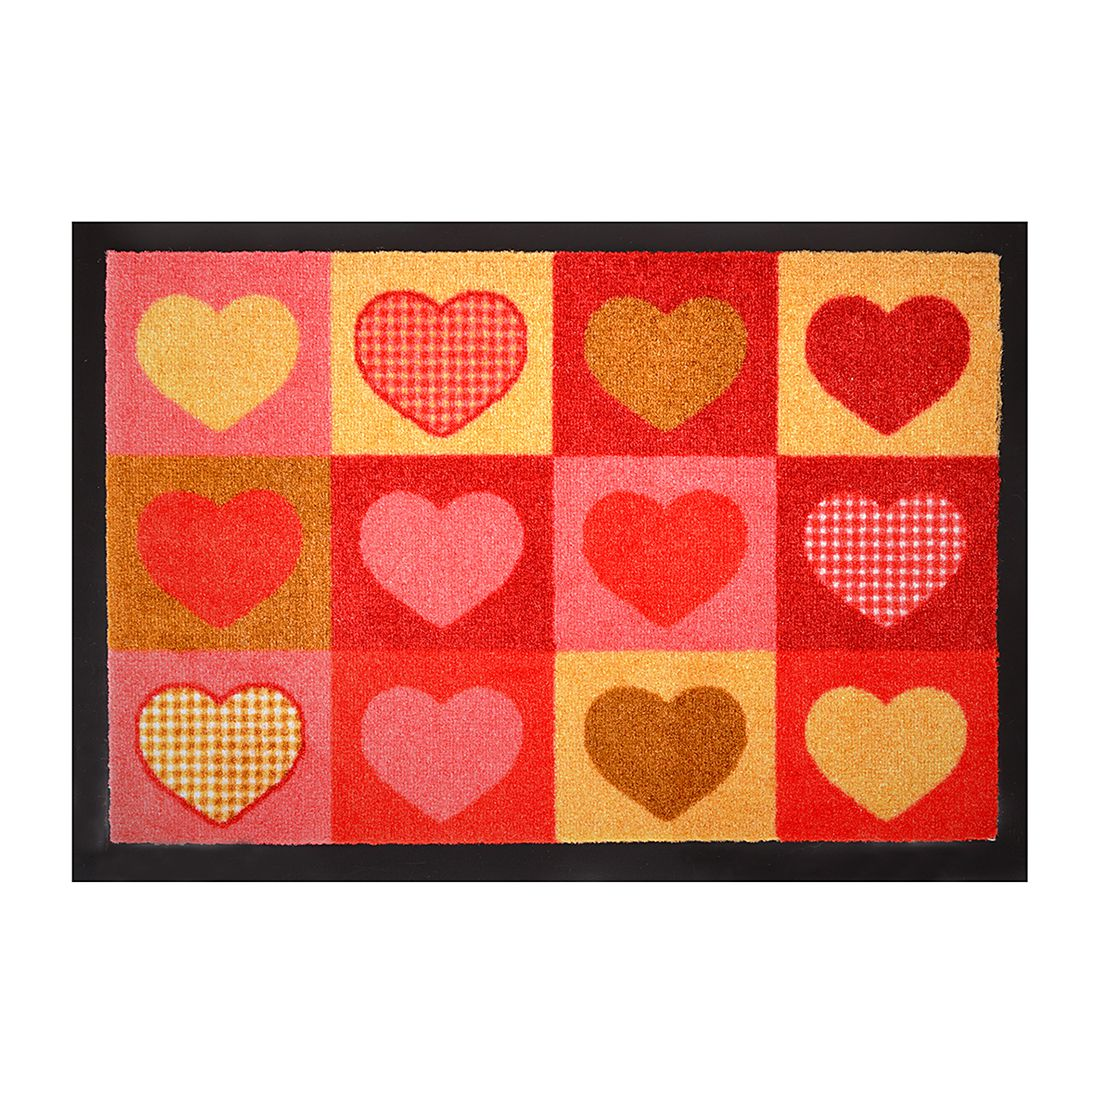 Fußmatte Printy summer hearts – Mehrfarbig – 40 x 60 cm, Hanse Home Collection kaufen